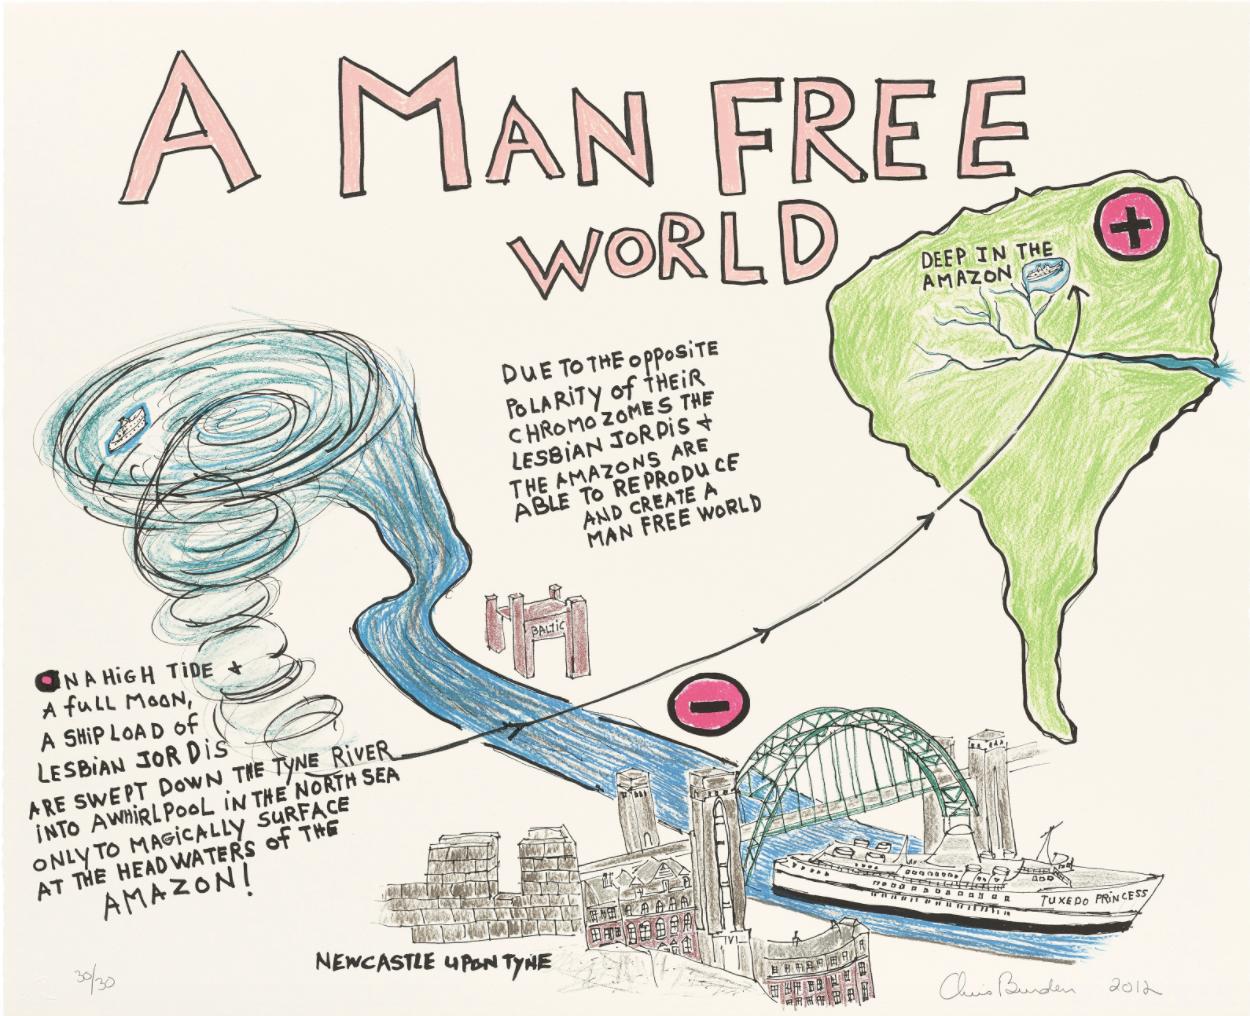 Chris Burden, A Man Free World